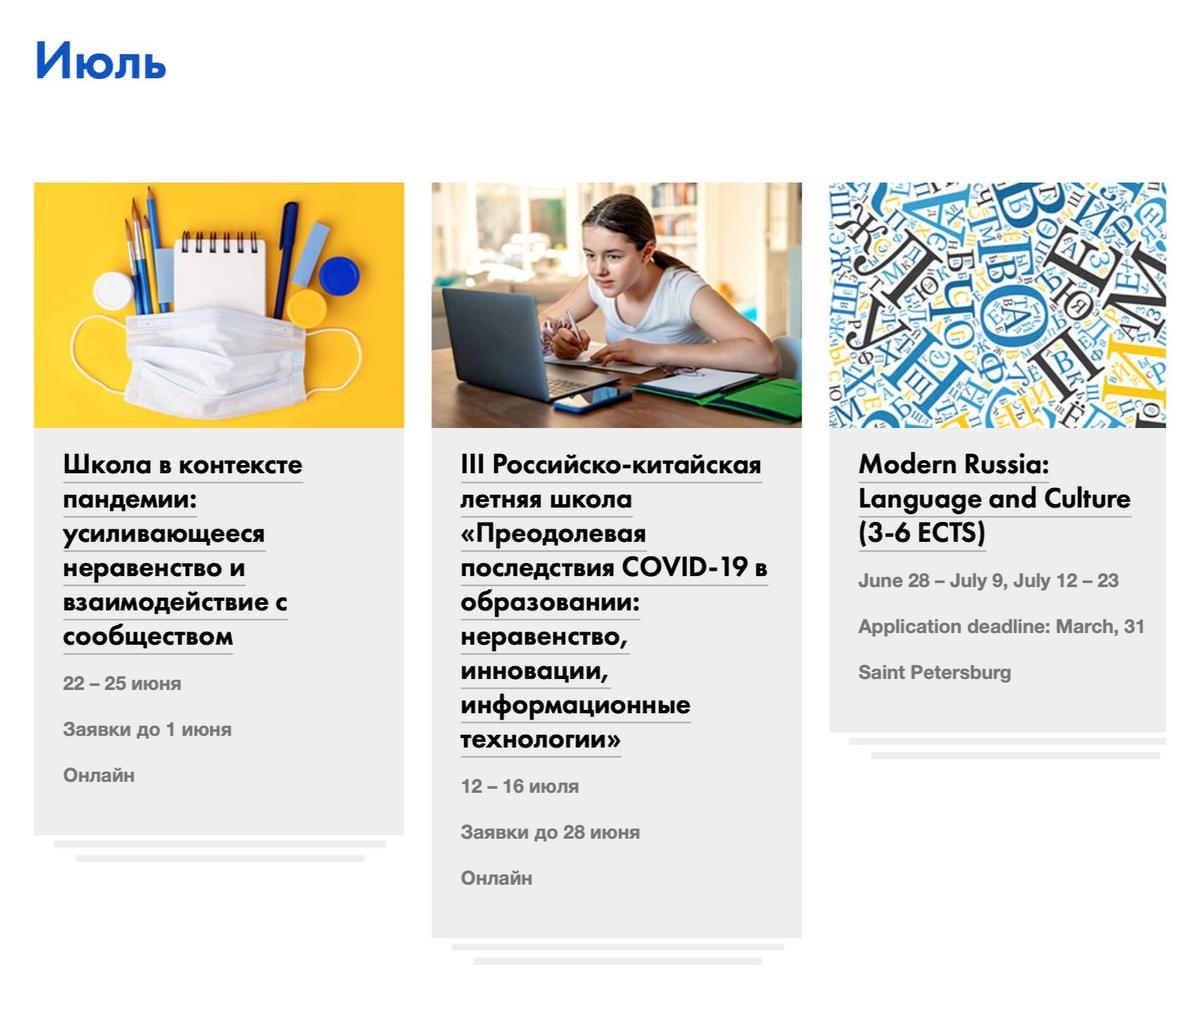 Пример страницы с летними школами, которые организует ВШЭ